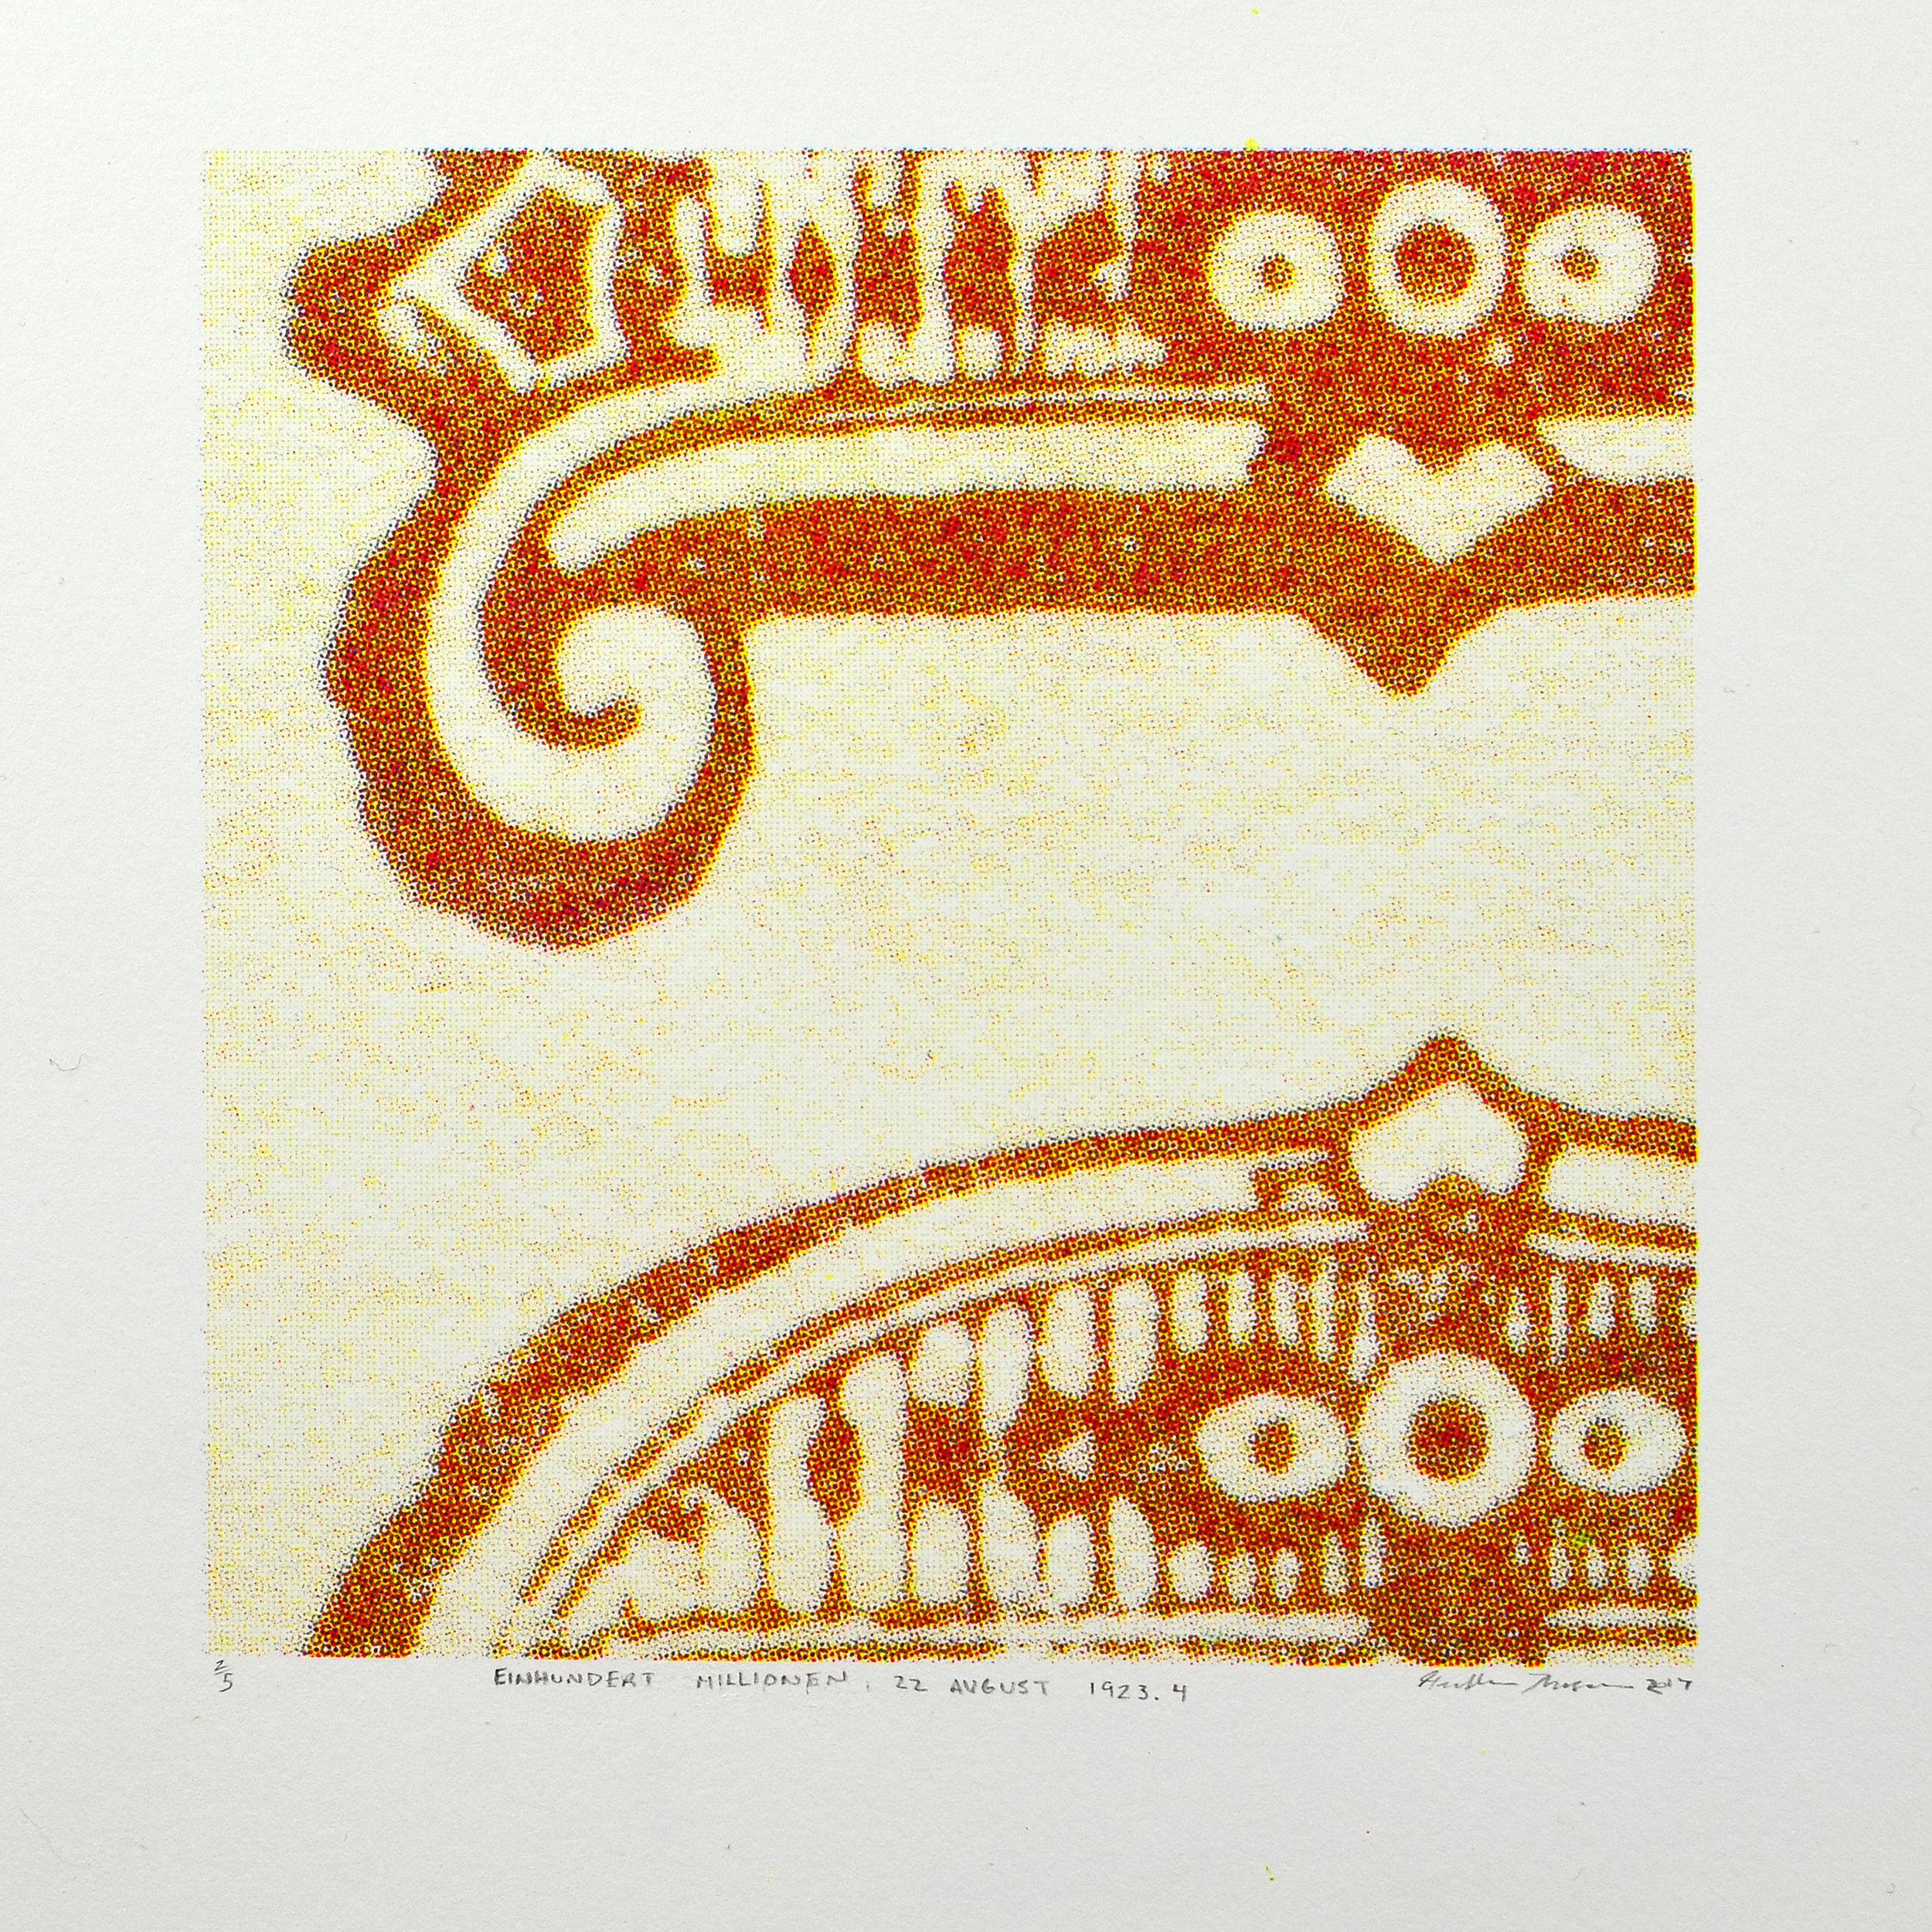 Heather Thomson    Einhunvert Millionen 22 August 1923.4   Plate lithograph